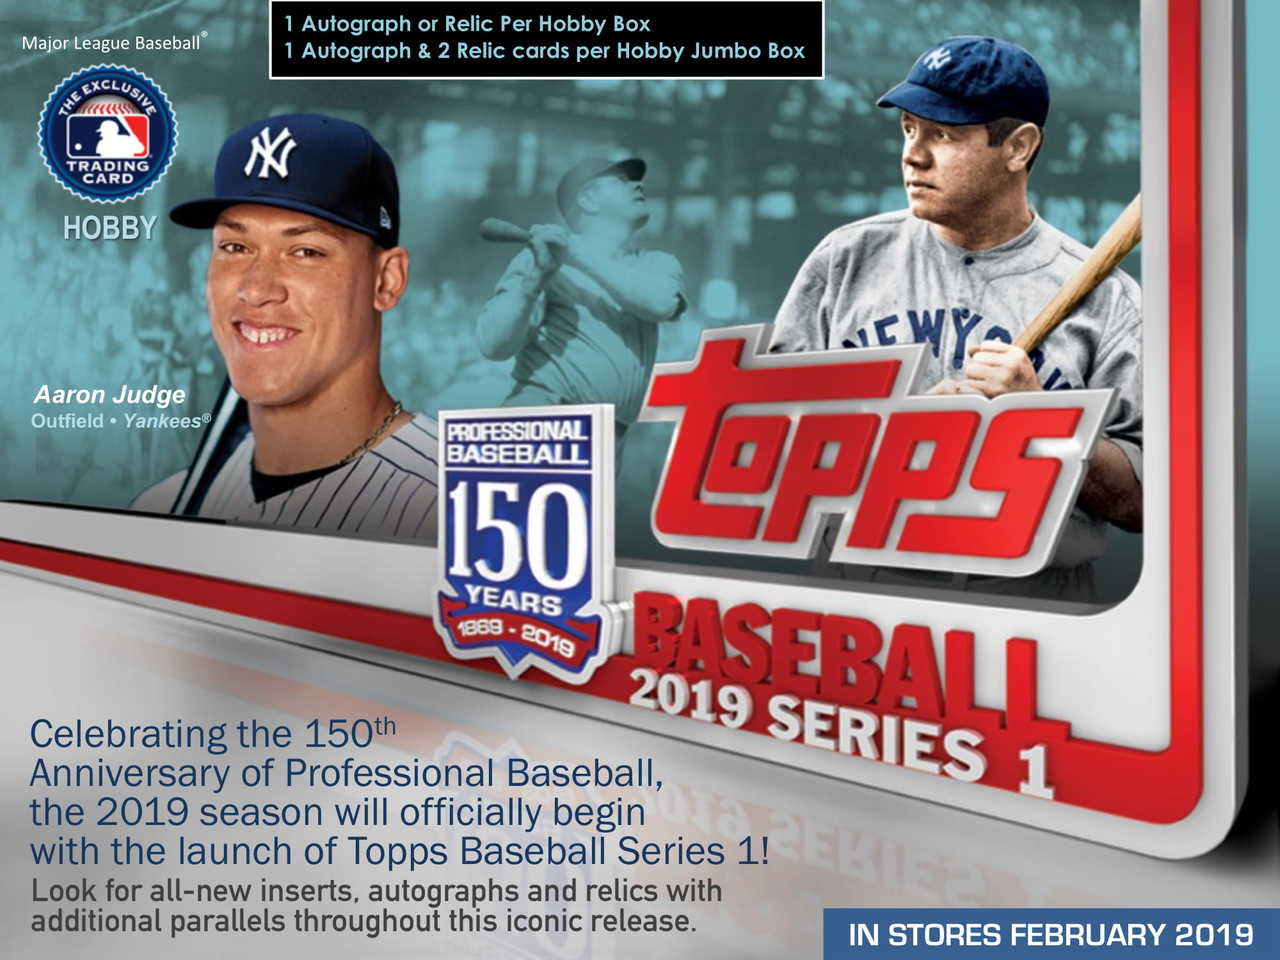 c4e85bb15af 2019 Topps Series 1 Baseball Hobby Box + 1 Silver Pack. Loading zoom. 2019  Topps Series 1 Baseball Hobby Box ...